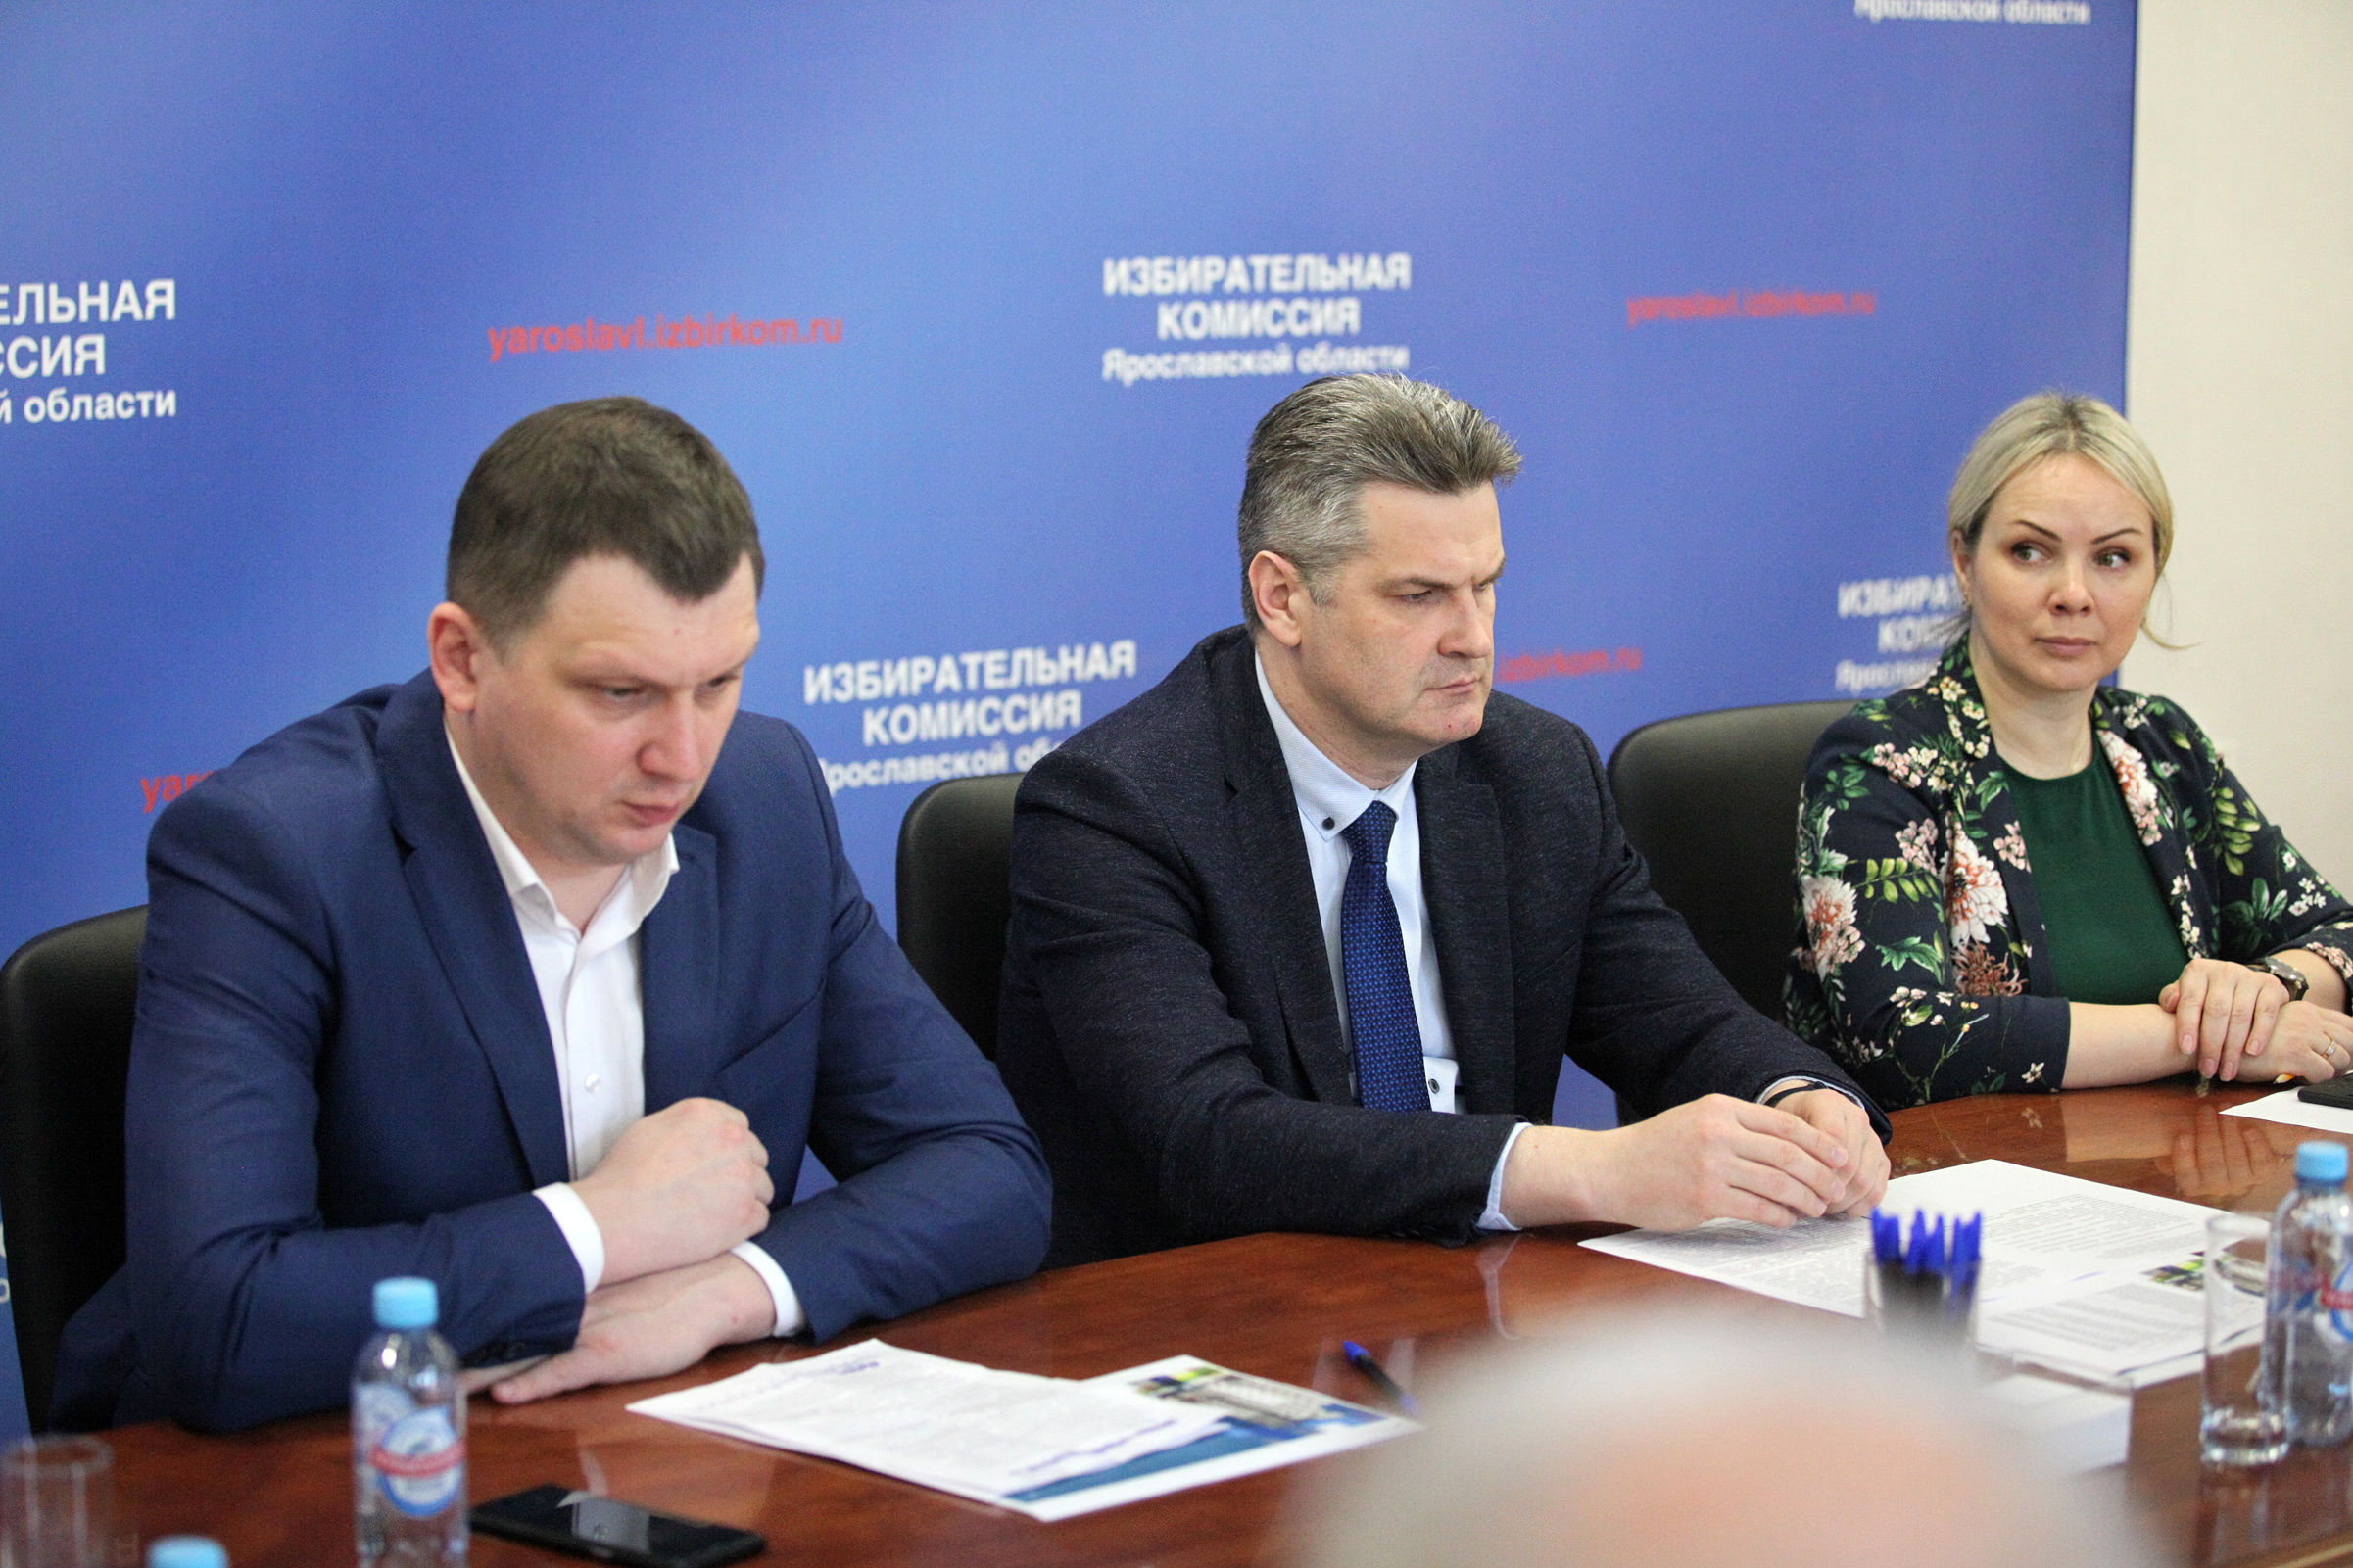 Представители Штаба общественного наблюдения обсудили подготовку к выборам с руководством облизбиркома